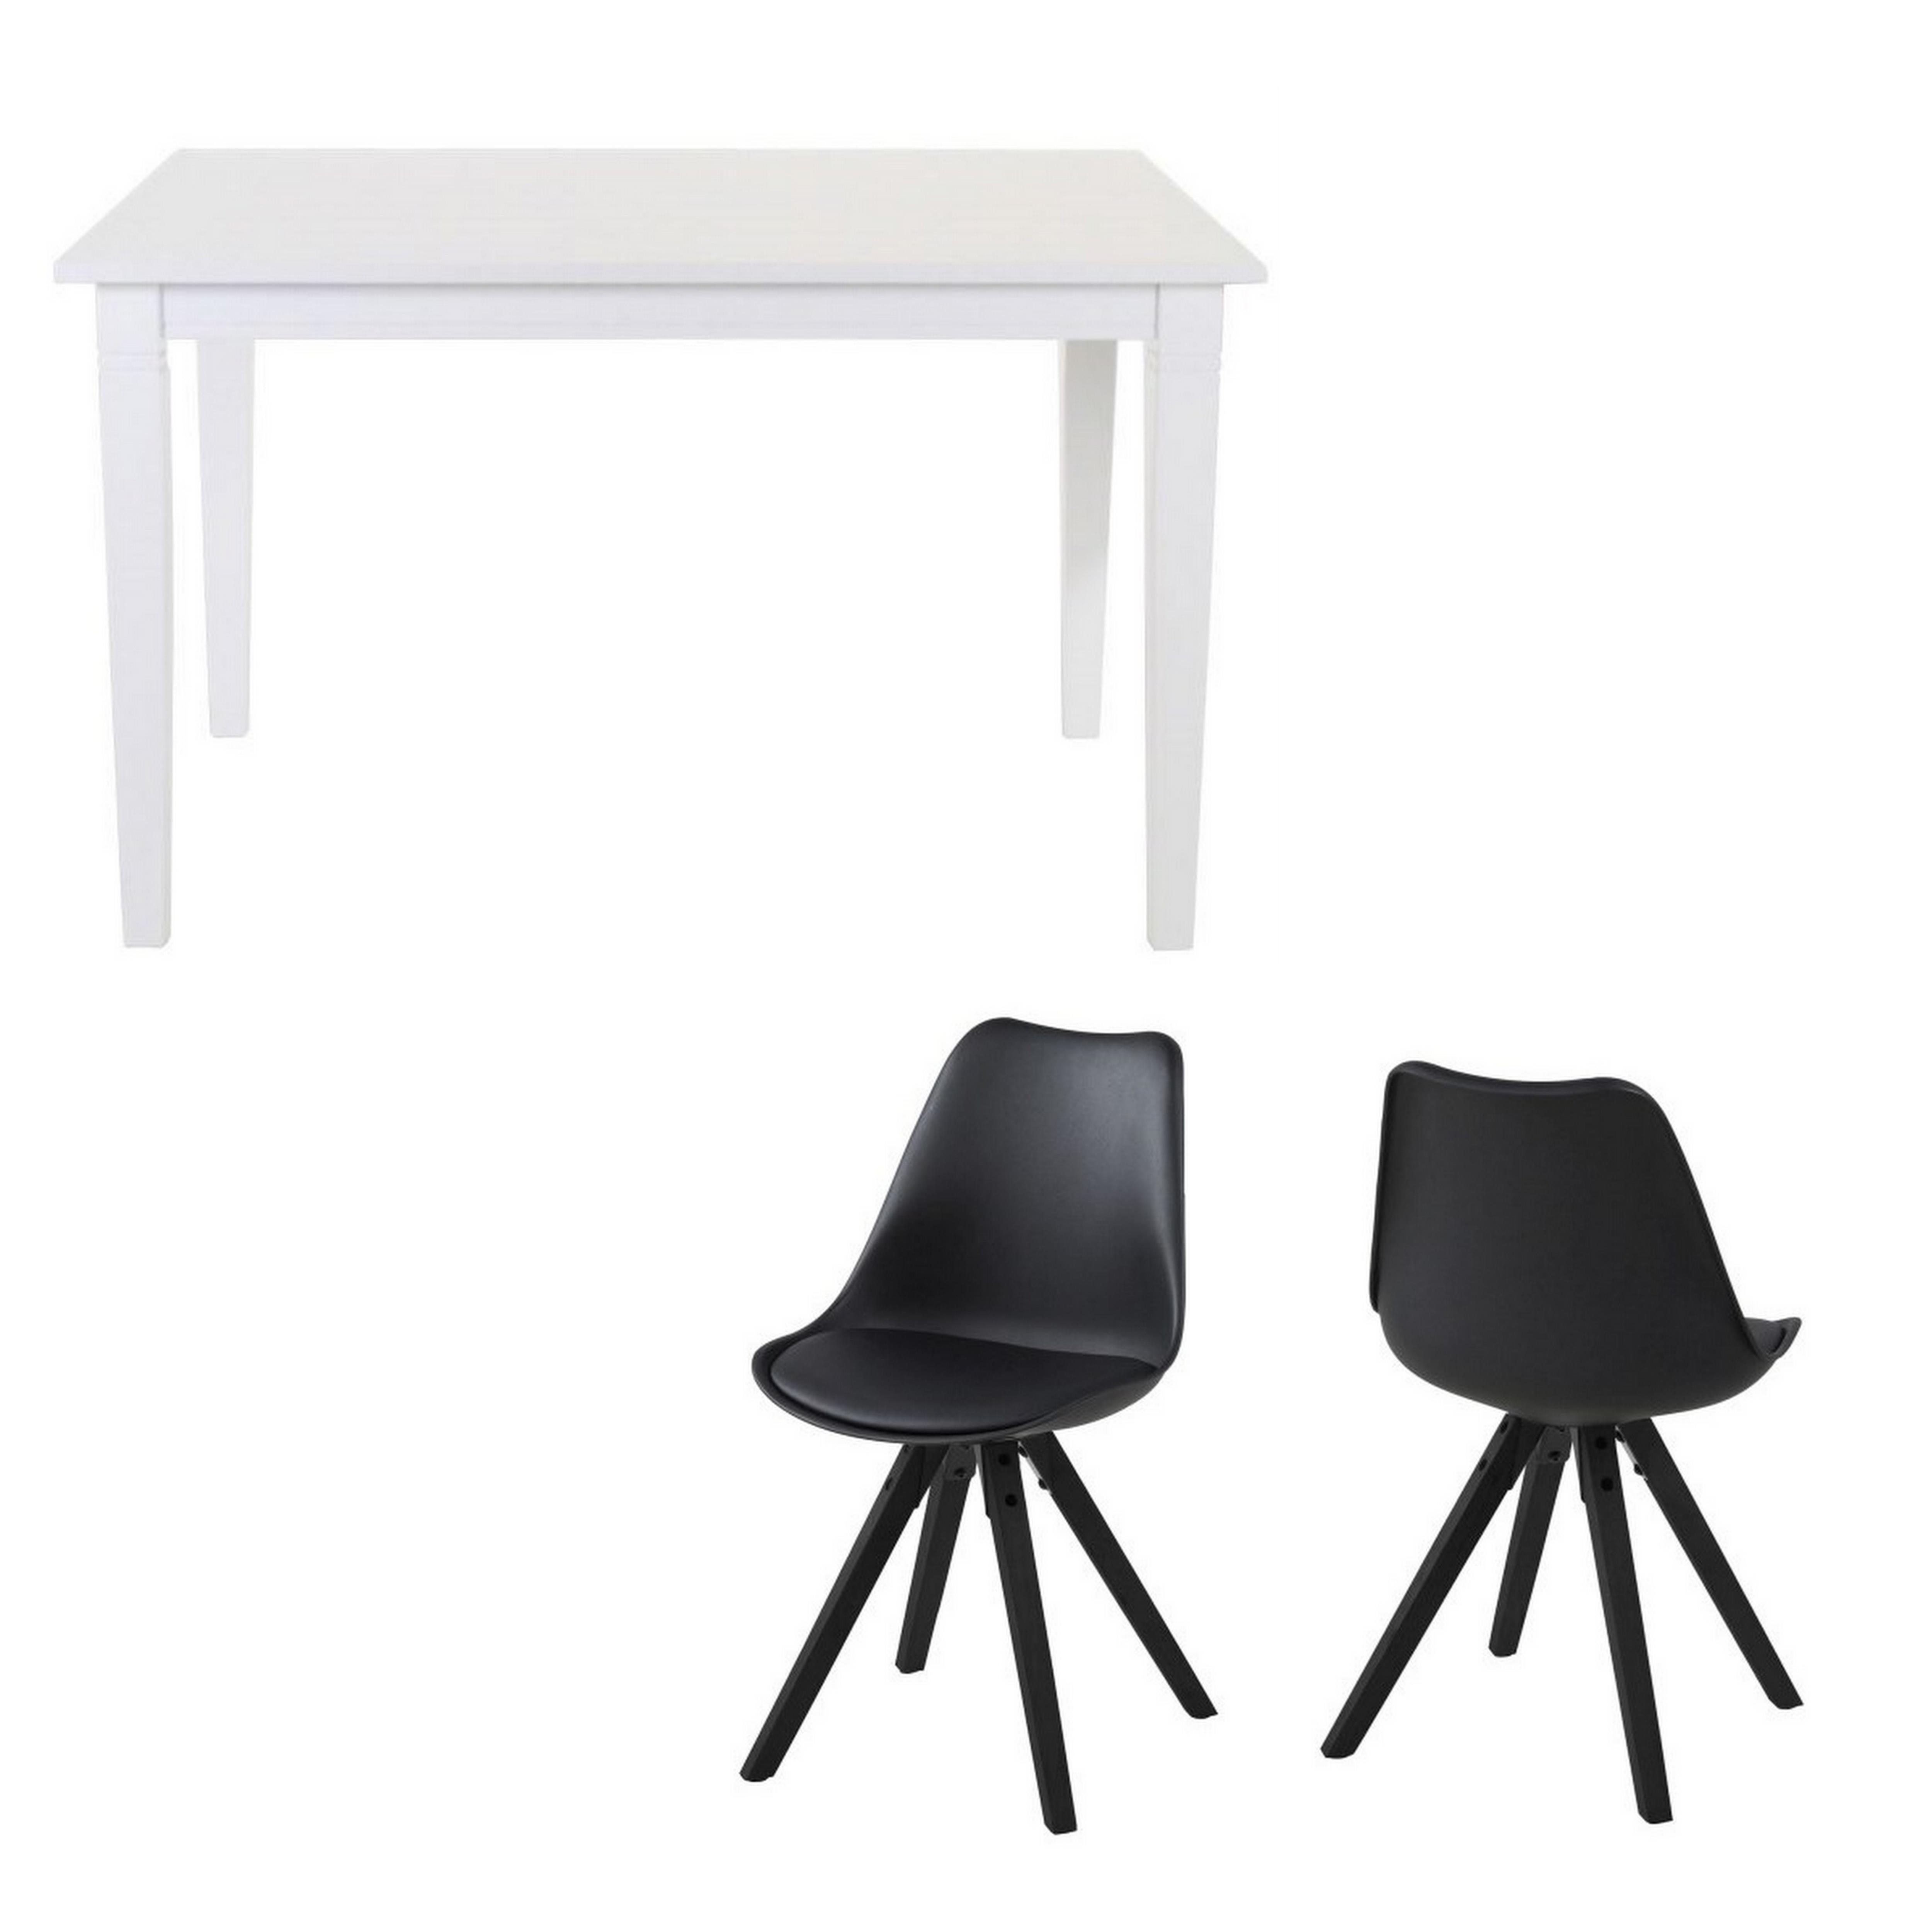 Studenter option 2 - skrivebord + 2 spisebordsstole